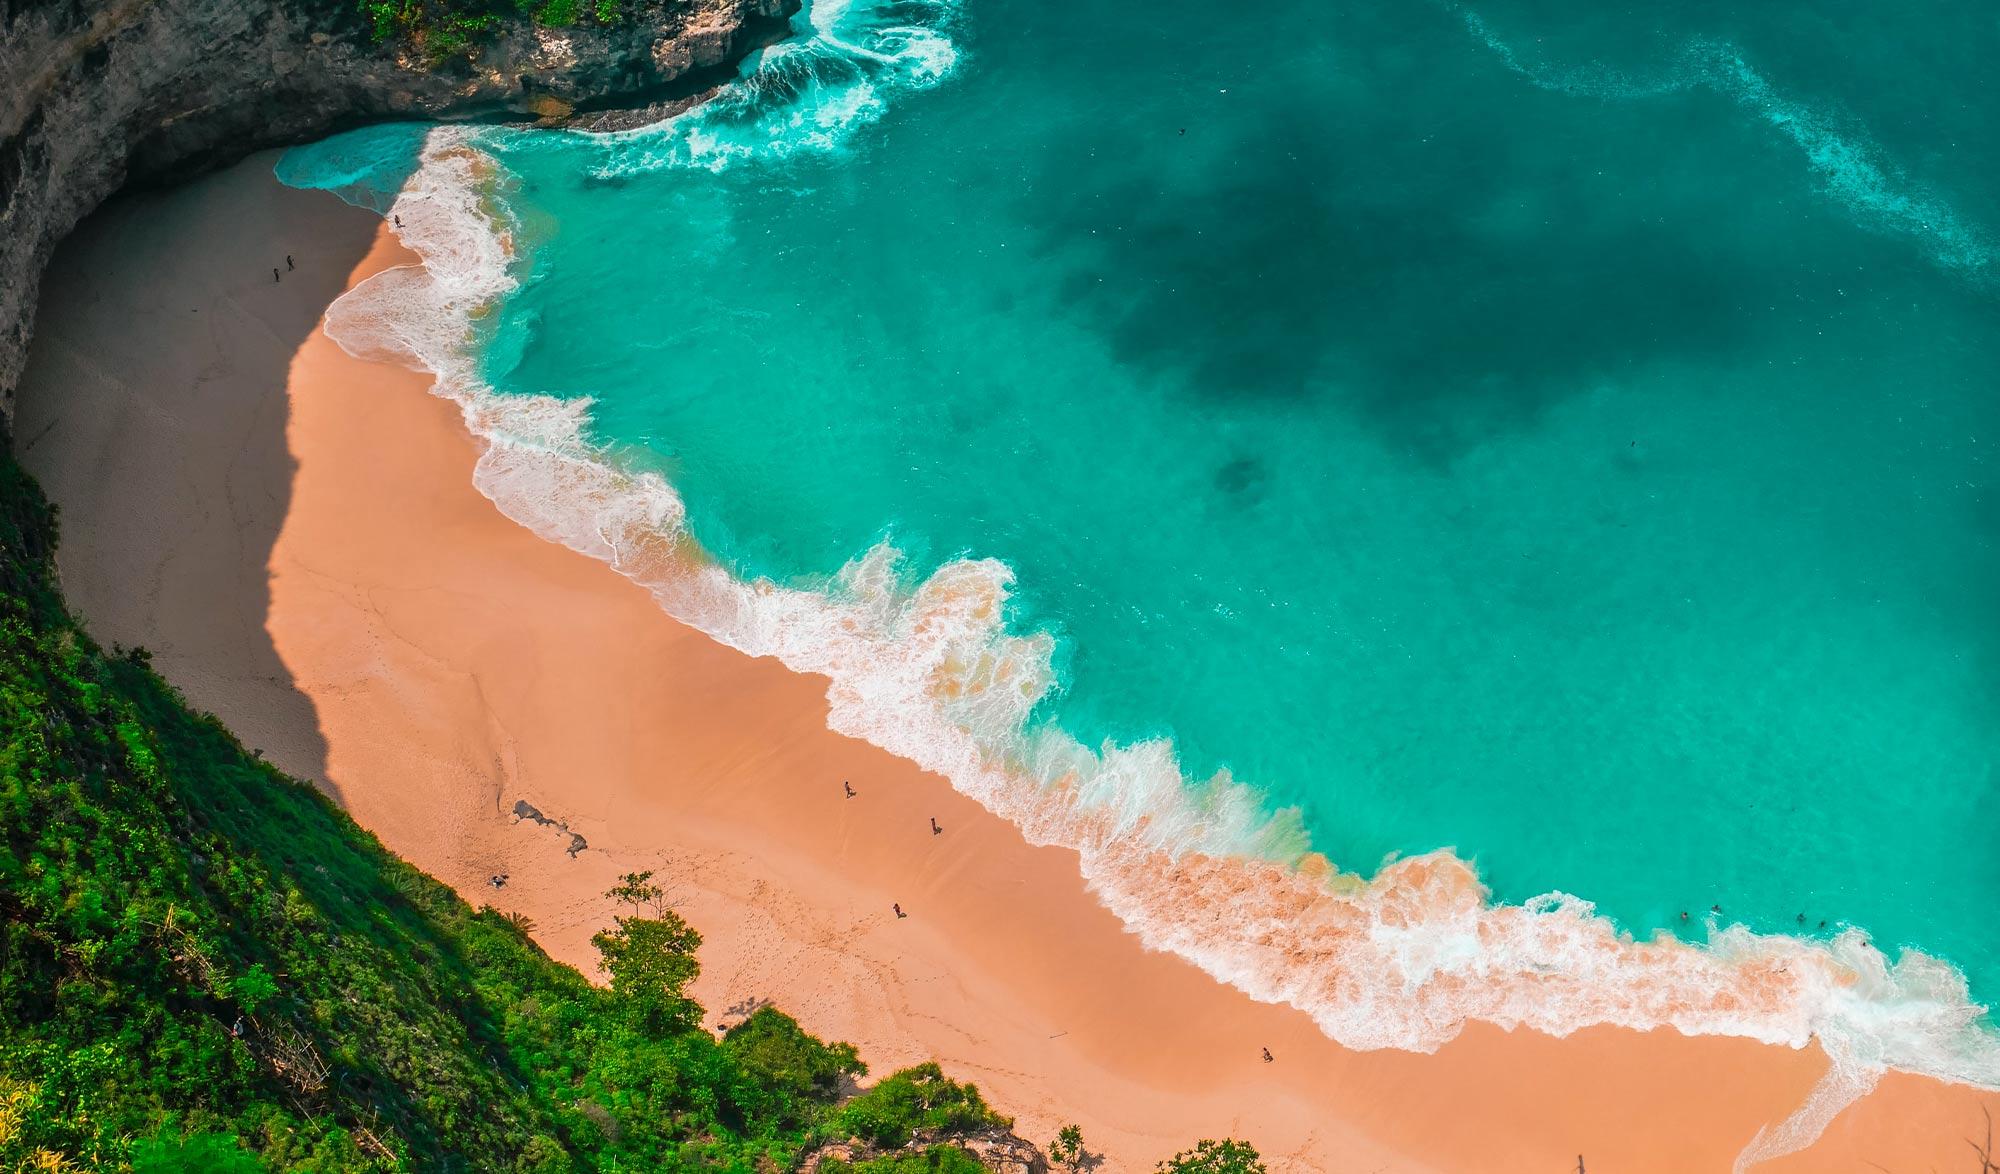 Plage de Bali